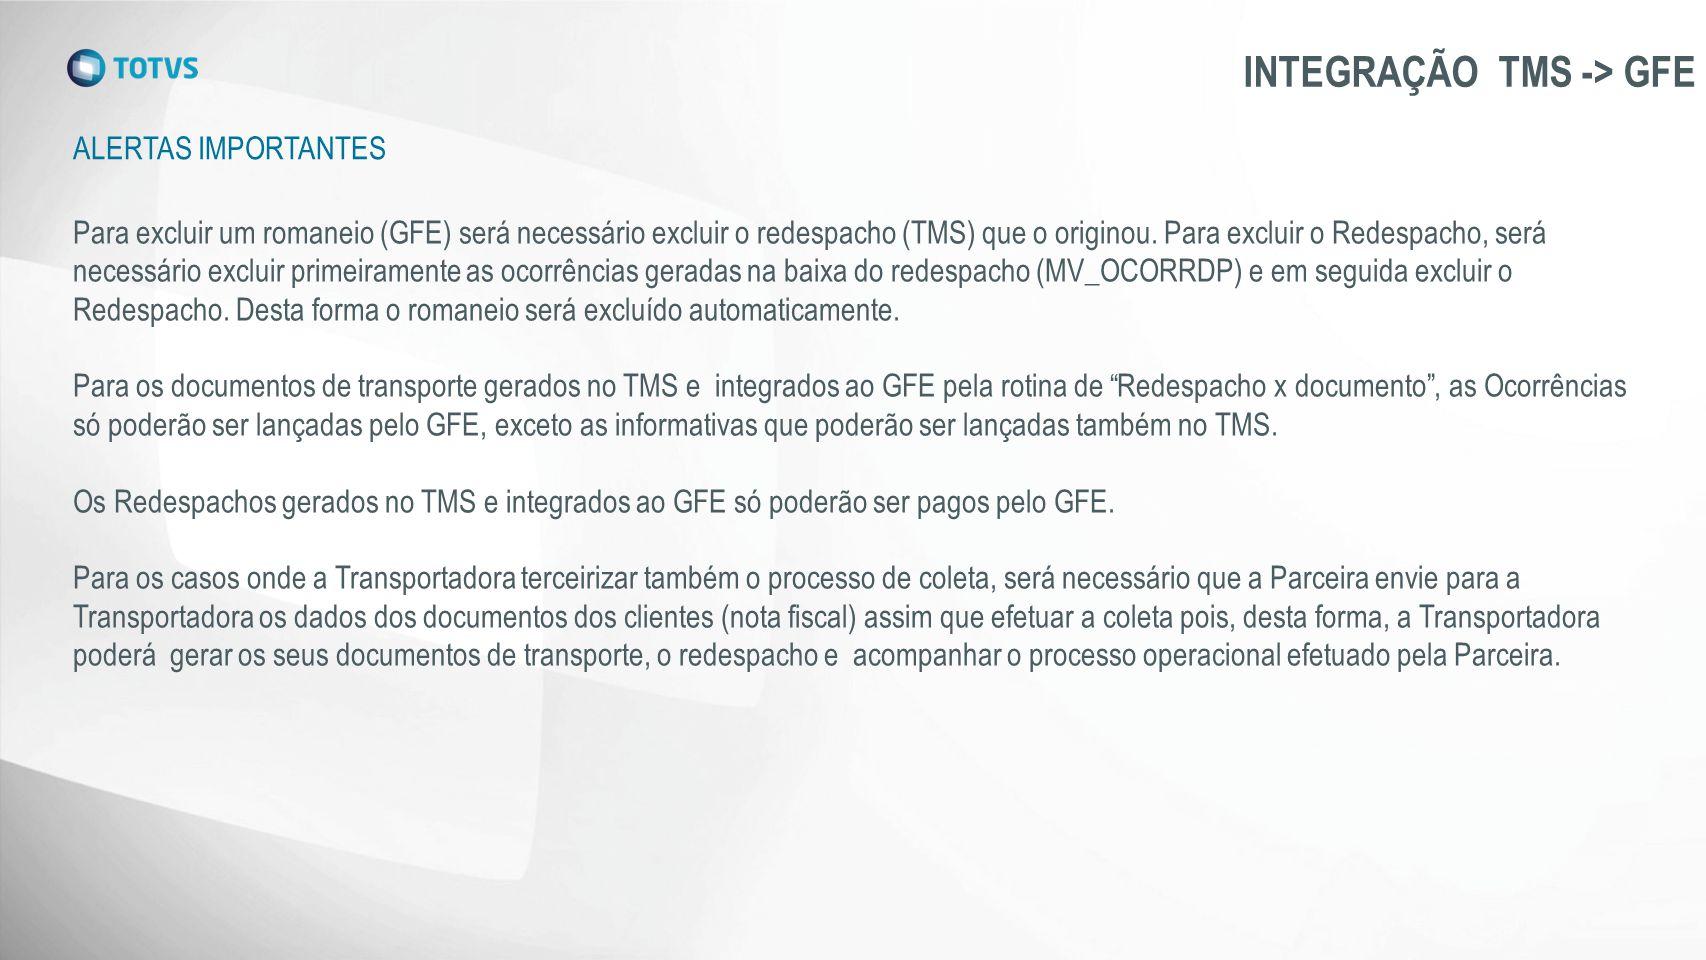 INTEGRAÇÃO TMS -> GFE